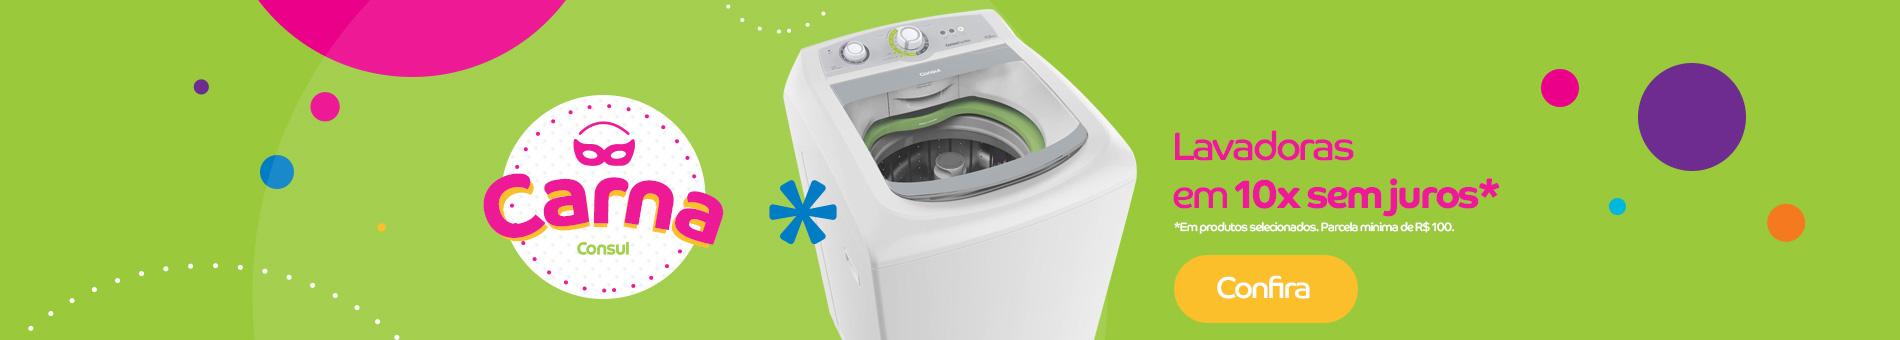 Promoção Interna - 1386 - carnaconsul_lavadoras-parcelamento_23022017_home4 - lavadoras-parcelamento - 4